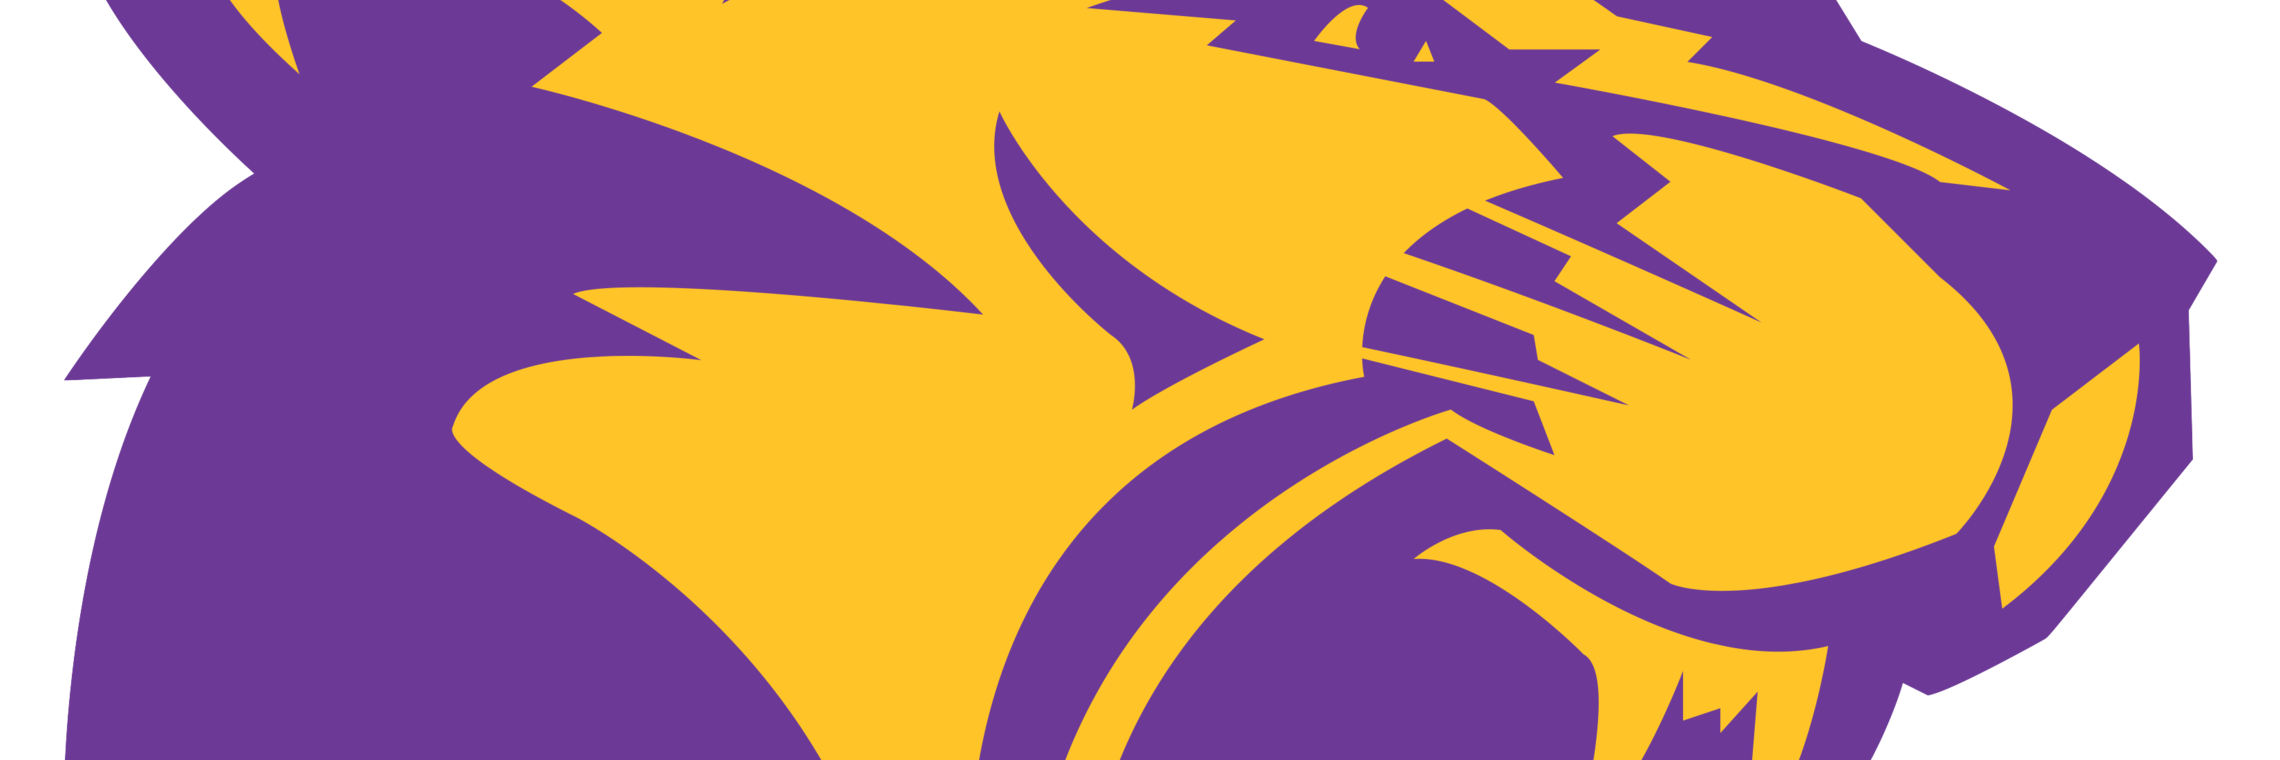 Hi-res kougar logo